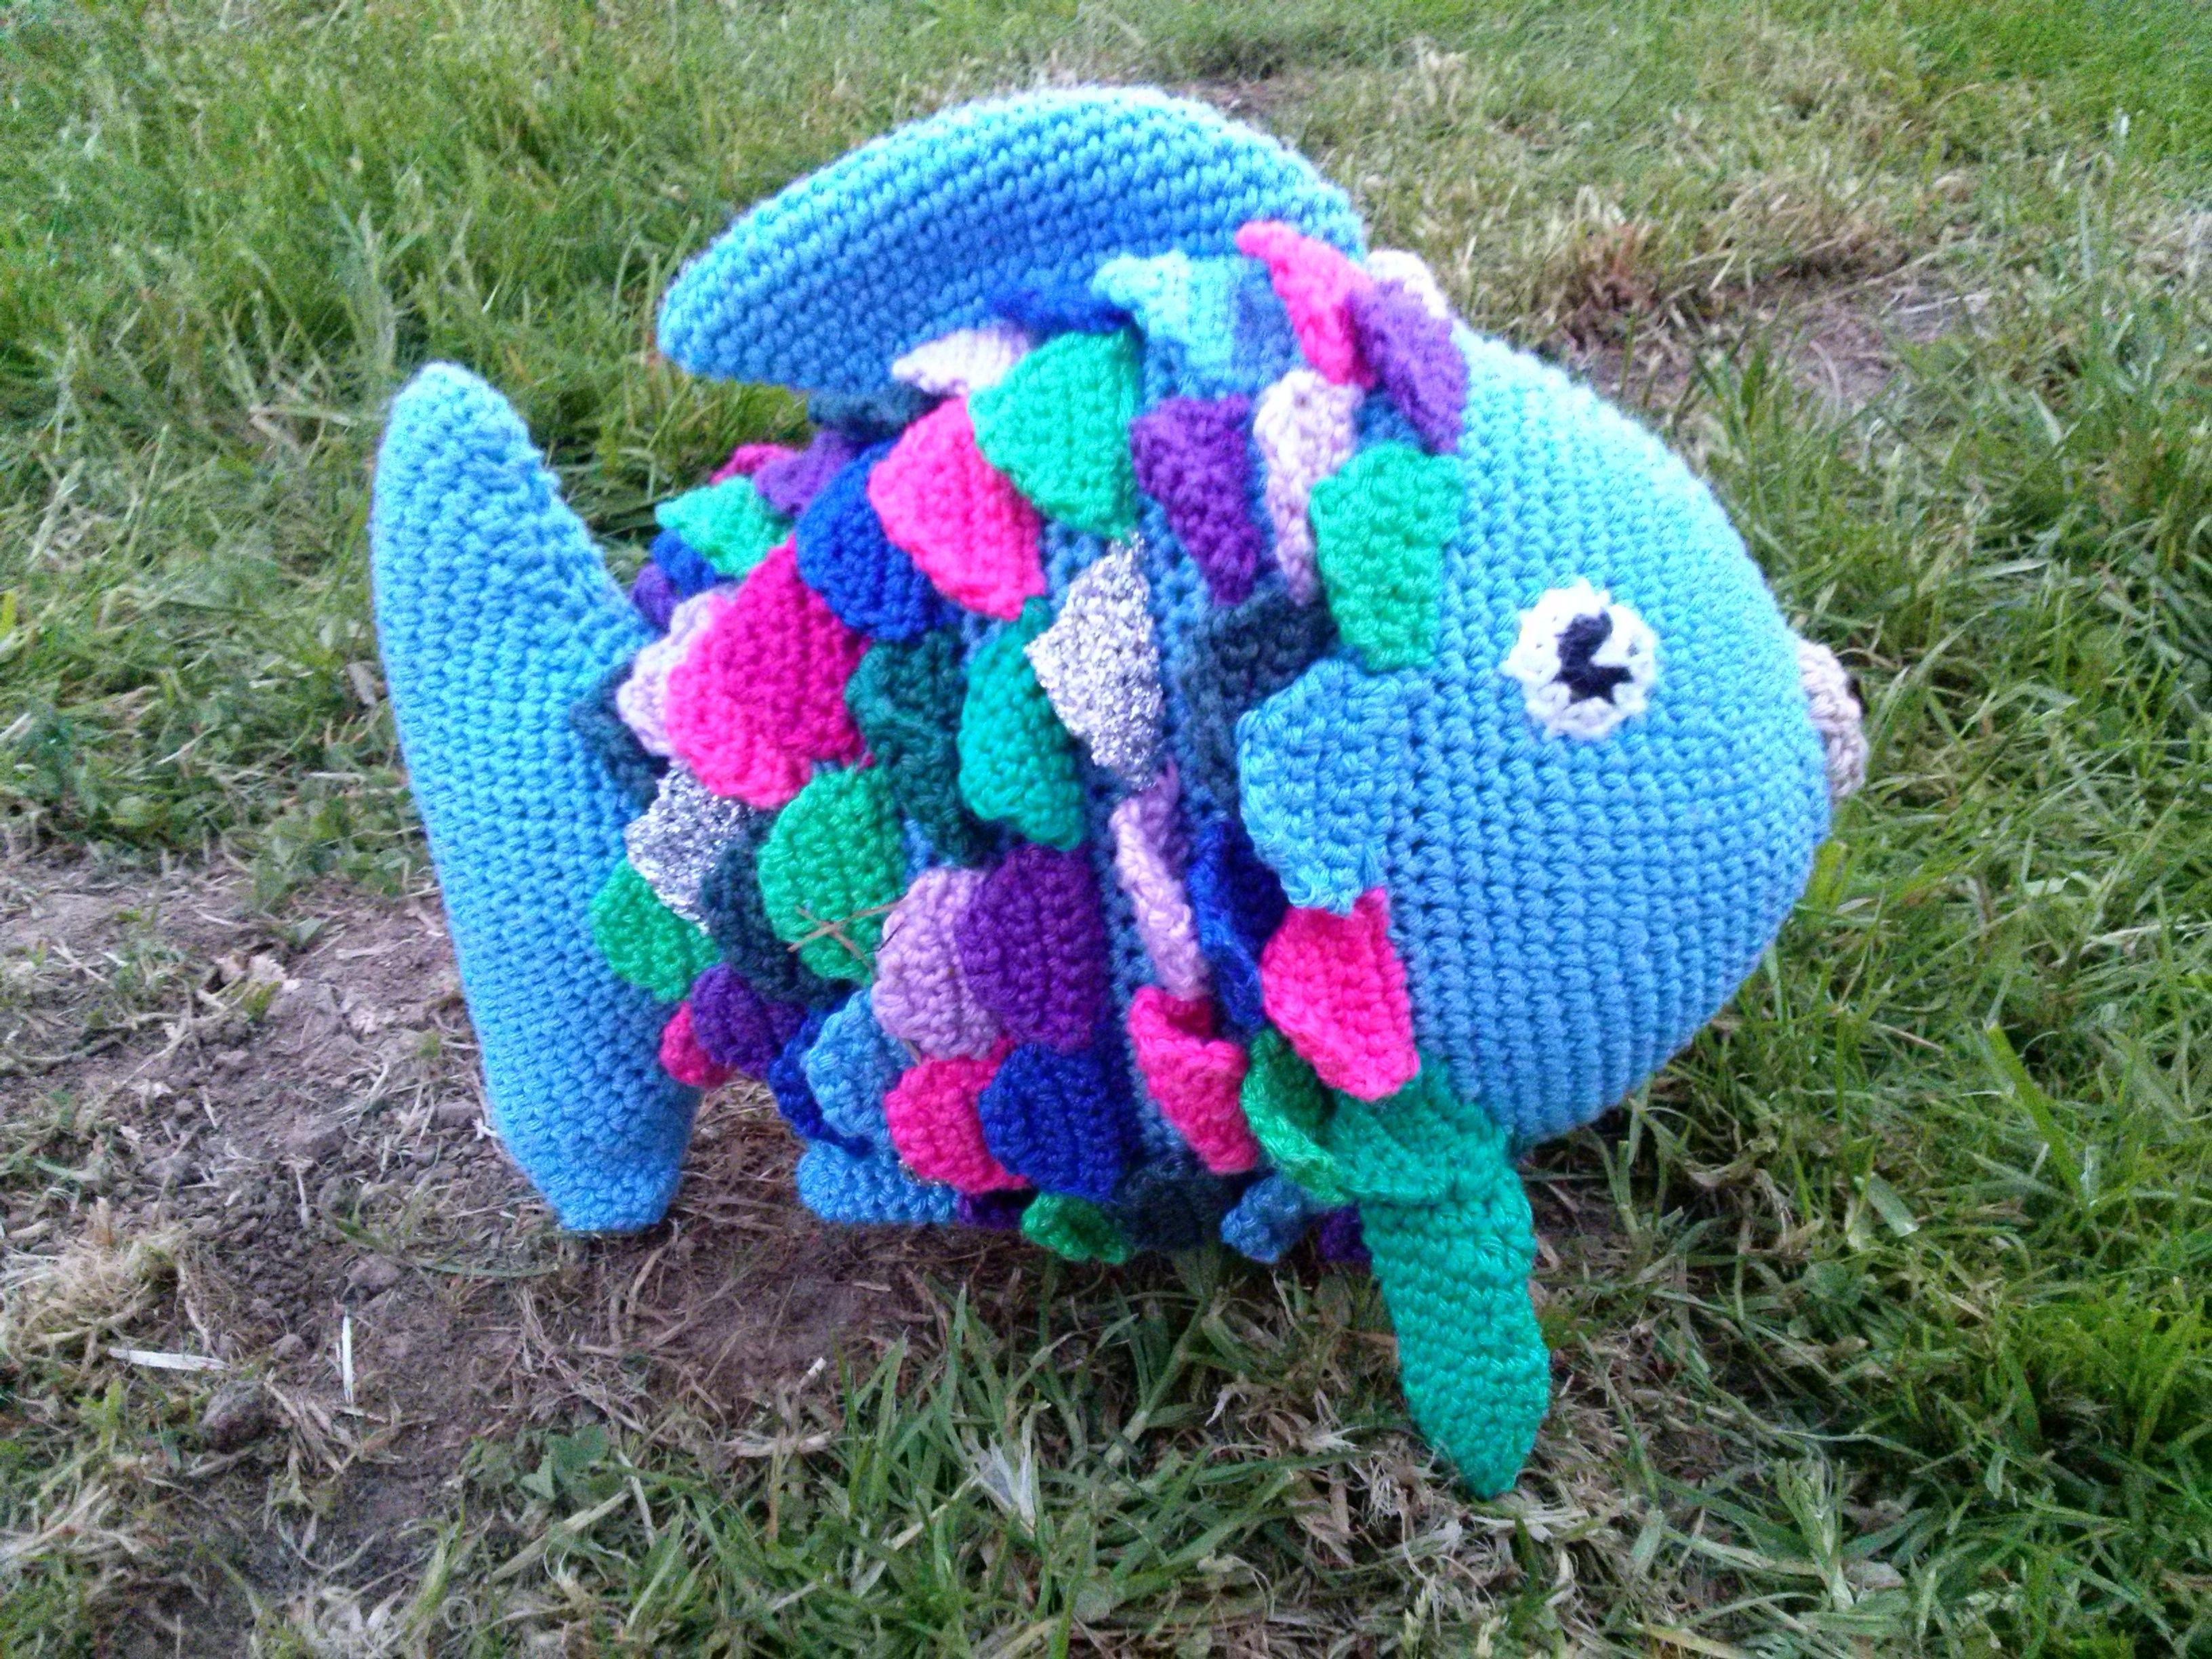 De Mooiste Vis Van De Zee Diy Pinterest Crochet Amigurumi En